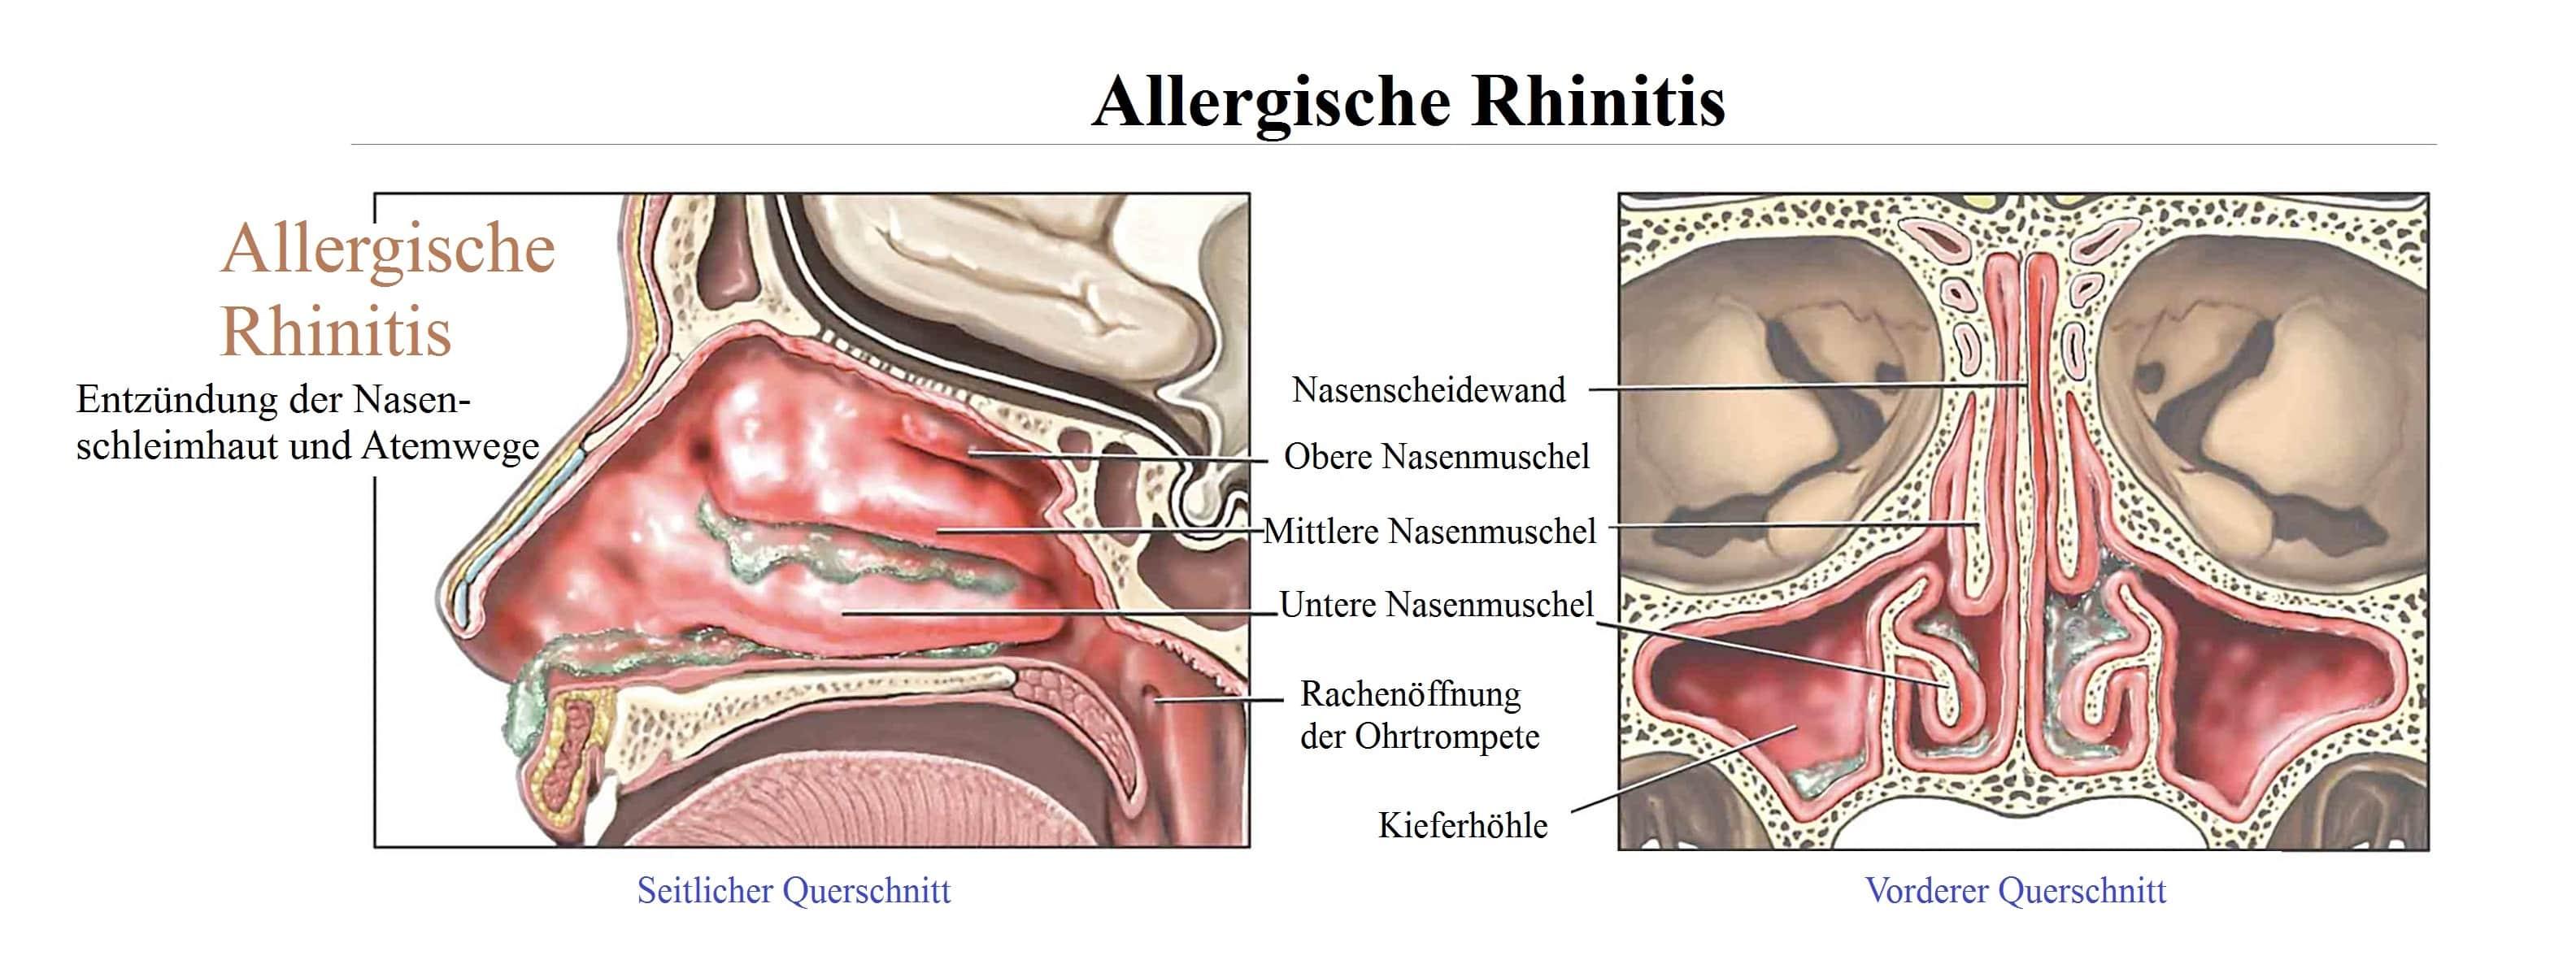 Wunderbar Menschliche Anatomie Querschnitt Bilder - Anatomie Ideen ...